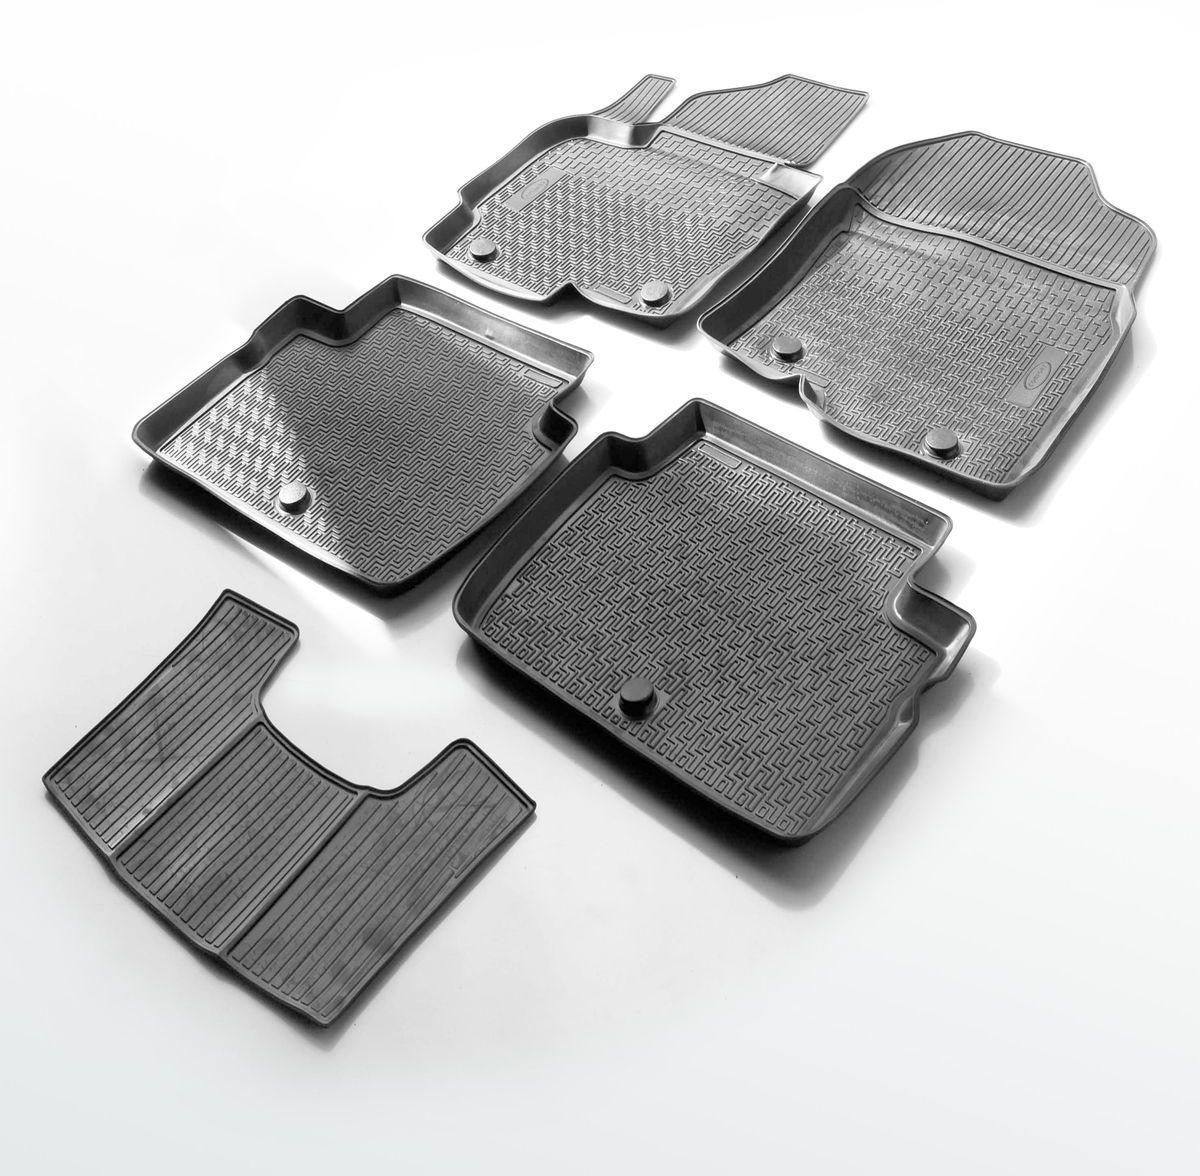 Коврики салона Rival для Suzuki Grand Vitara (5d) 2012-2015, c перемычкой, полиуретанCA-3505Прочные и долговечные коврики Rival в салон автомобиля, изготовлены из высококачественного и экологичного сырья, полностью повторяют геометрию салона вашего автомобиля.- Надежная система крепления, позволяющая закрепить коврик на штатные элементы фиксации, в результате чего отсутствует эффект скольжения по салону автомобиля.- Высокая стойкость поверхности к стиранию.- Специализированный рисунок и высокий борт, препятствующие распространению грязи и жидкости по поверхности коврика.- Перемычка задних ковриков в комплекте предотвращает загрязнение тоннеля карданного вала.- Произведены из первичных материалов, в результате чего отсутствует неприятный запах в салоне автомобиля.- Высокая эластичность, можно беспрепятственно эксплуатировать при температуре от -45 ?C до +45 ?C.Уважаемые клиенты!Обращаем ваше внимание,что коврики имеет формусоответствующую модели данного автомобиля. Фото служит для визуального восприятия товара.